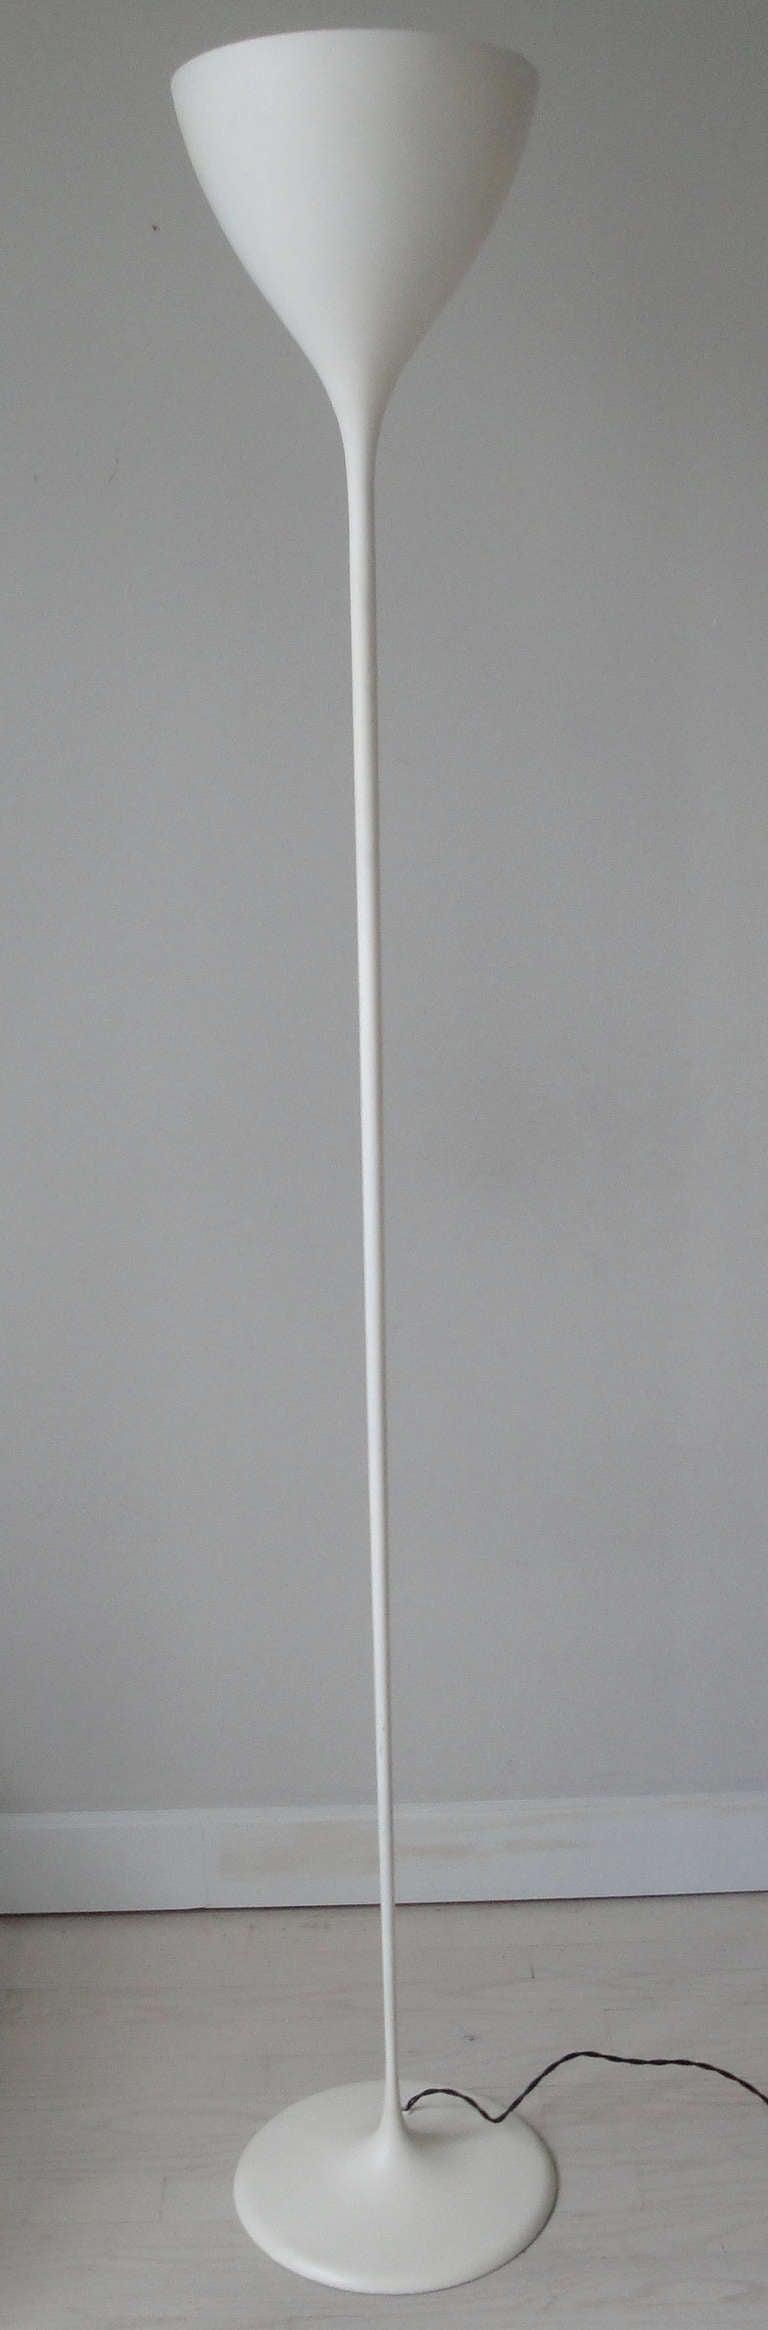 """Max Bill""""Tulip"""" Floor Lamp at 1stdibs"""